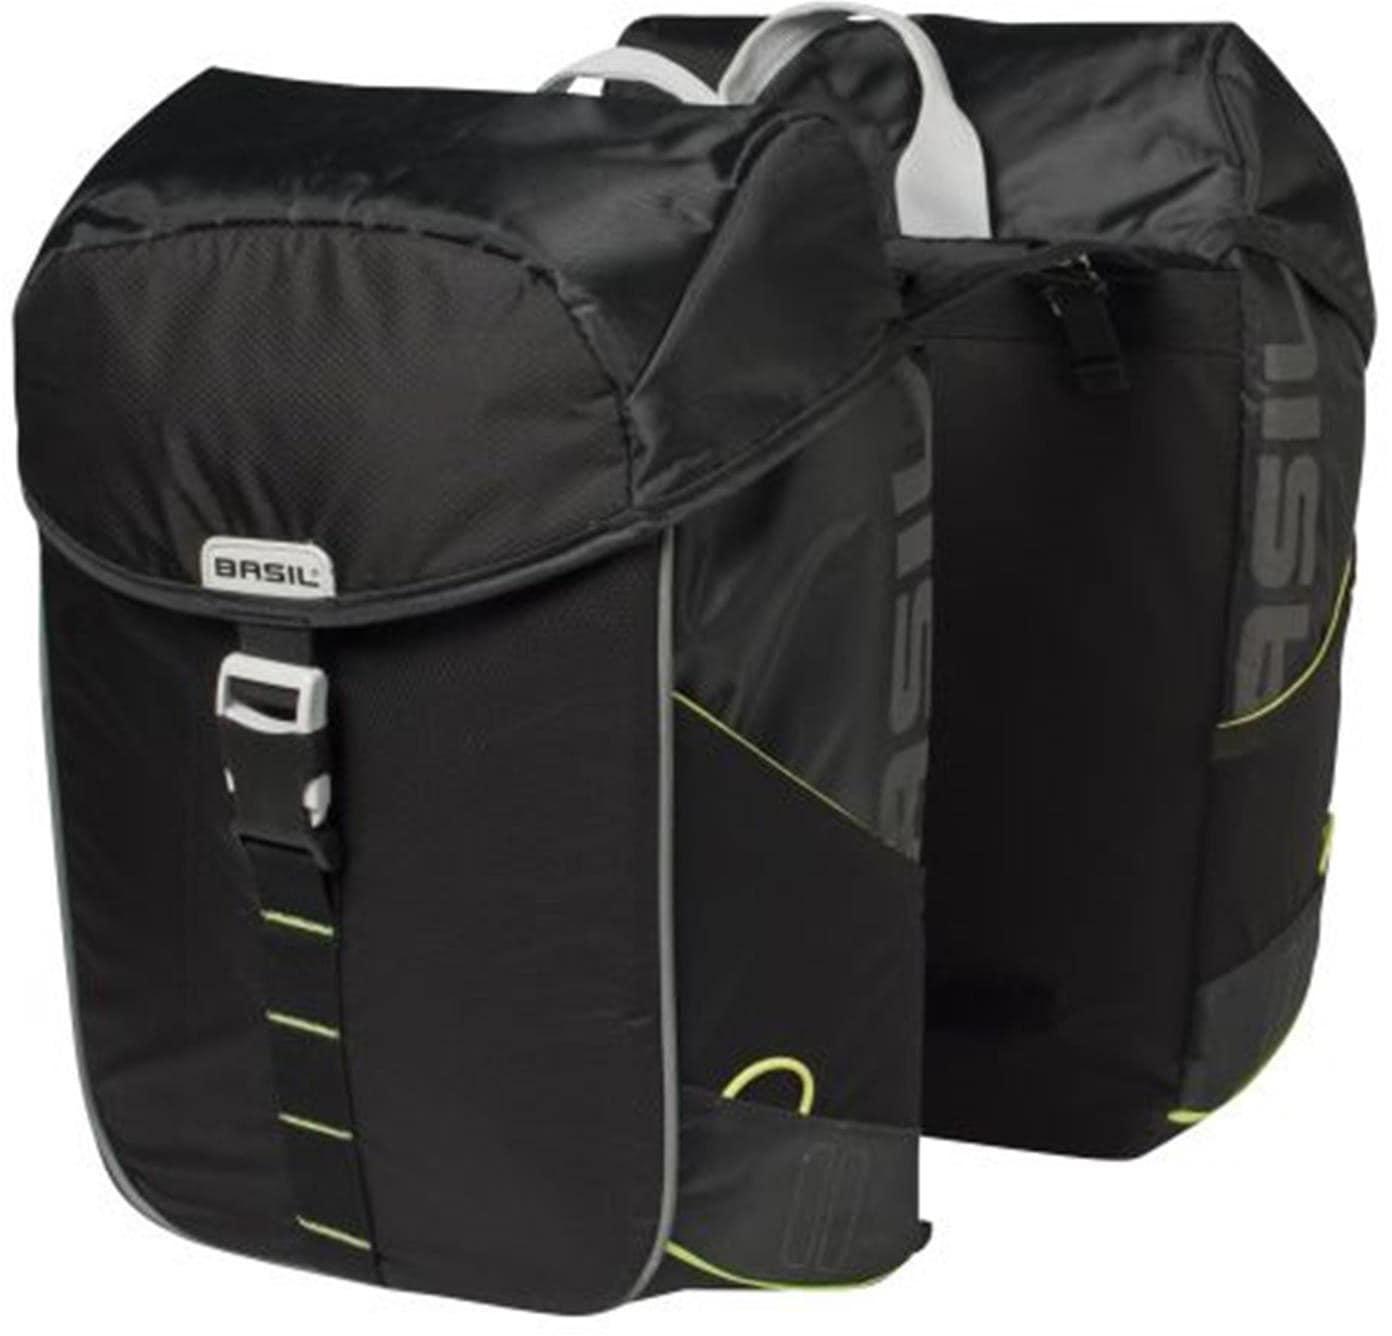 Basil Gepäckträgertasche Miles Daypack Technik & Freizeit/Sport & Freizeit/Fahrräder & Zubehör/Fahrradzubehör/Fahrradtaschen/Gepäckträgertaschen